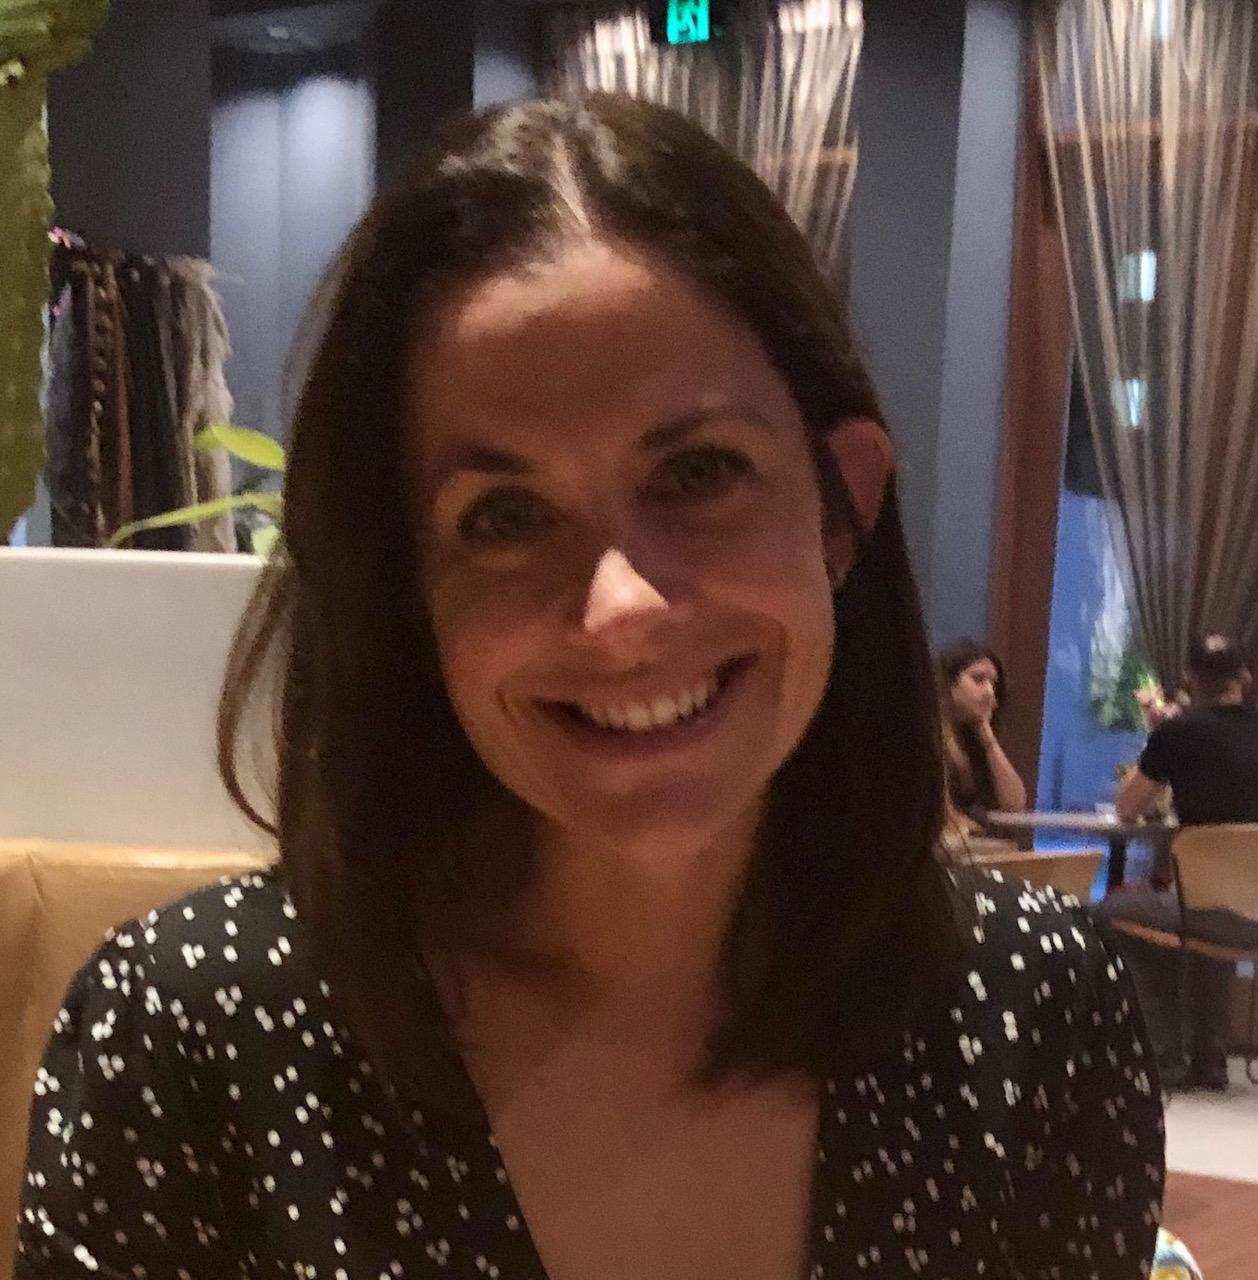 Nicola Berna